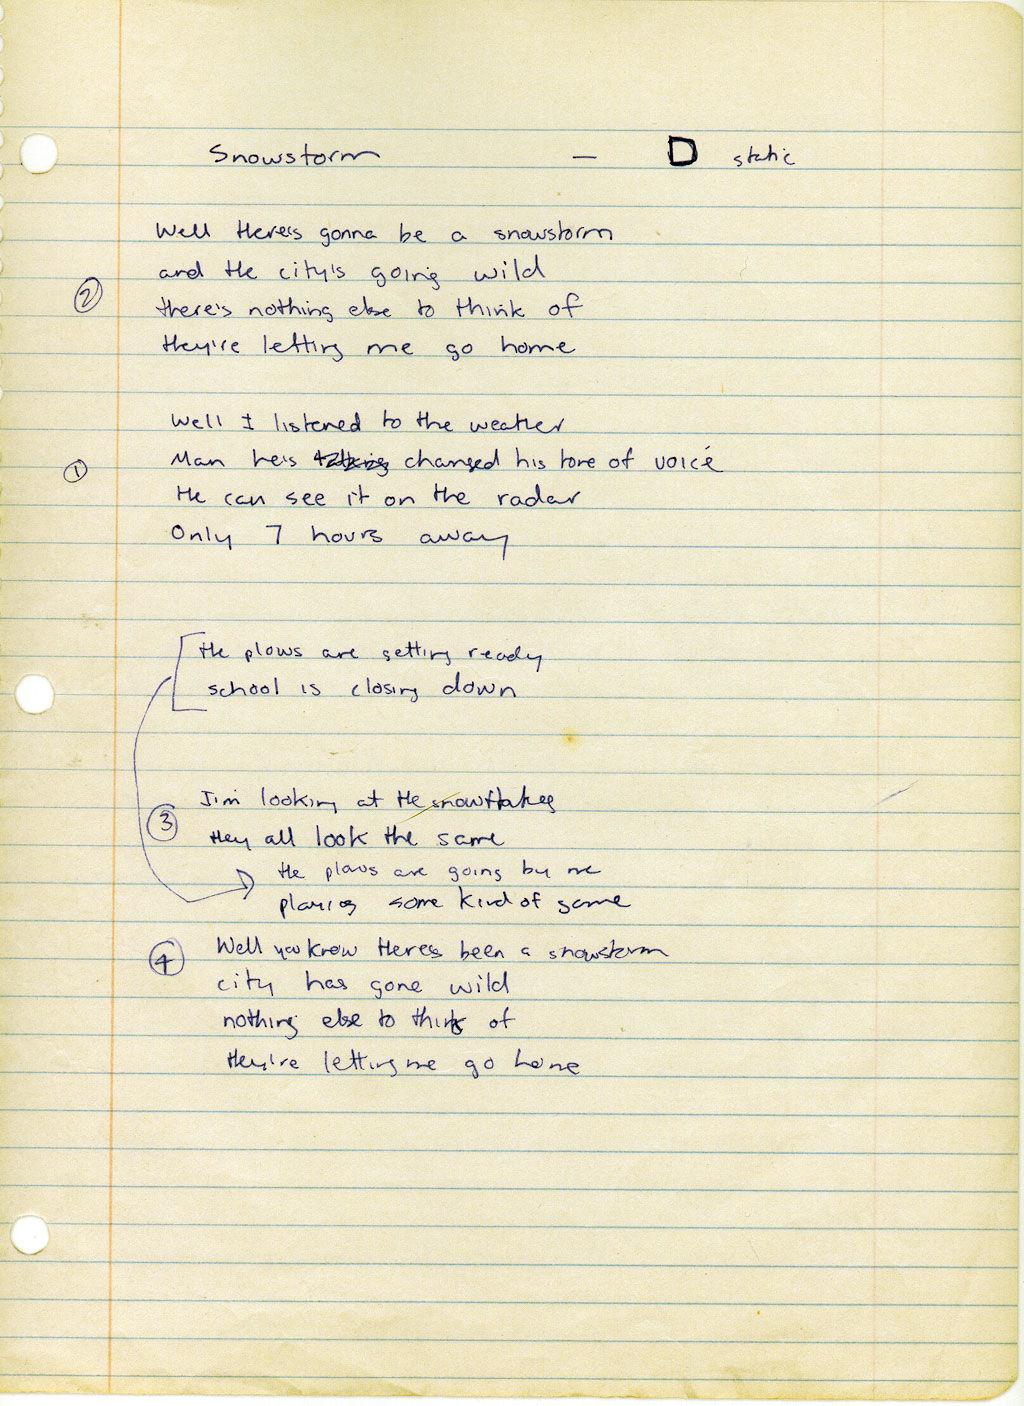 Snowstorm lyrics